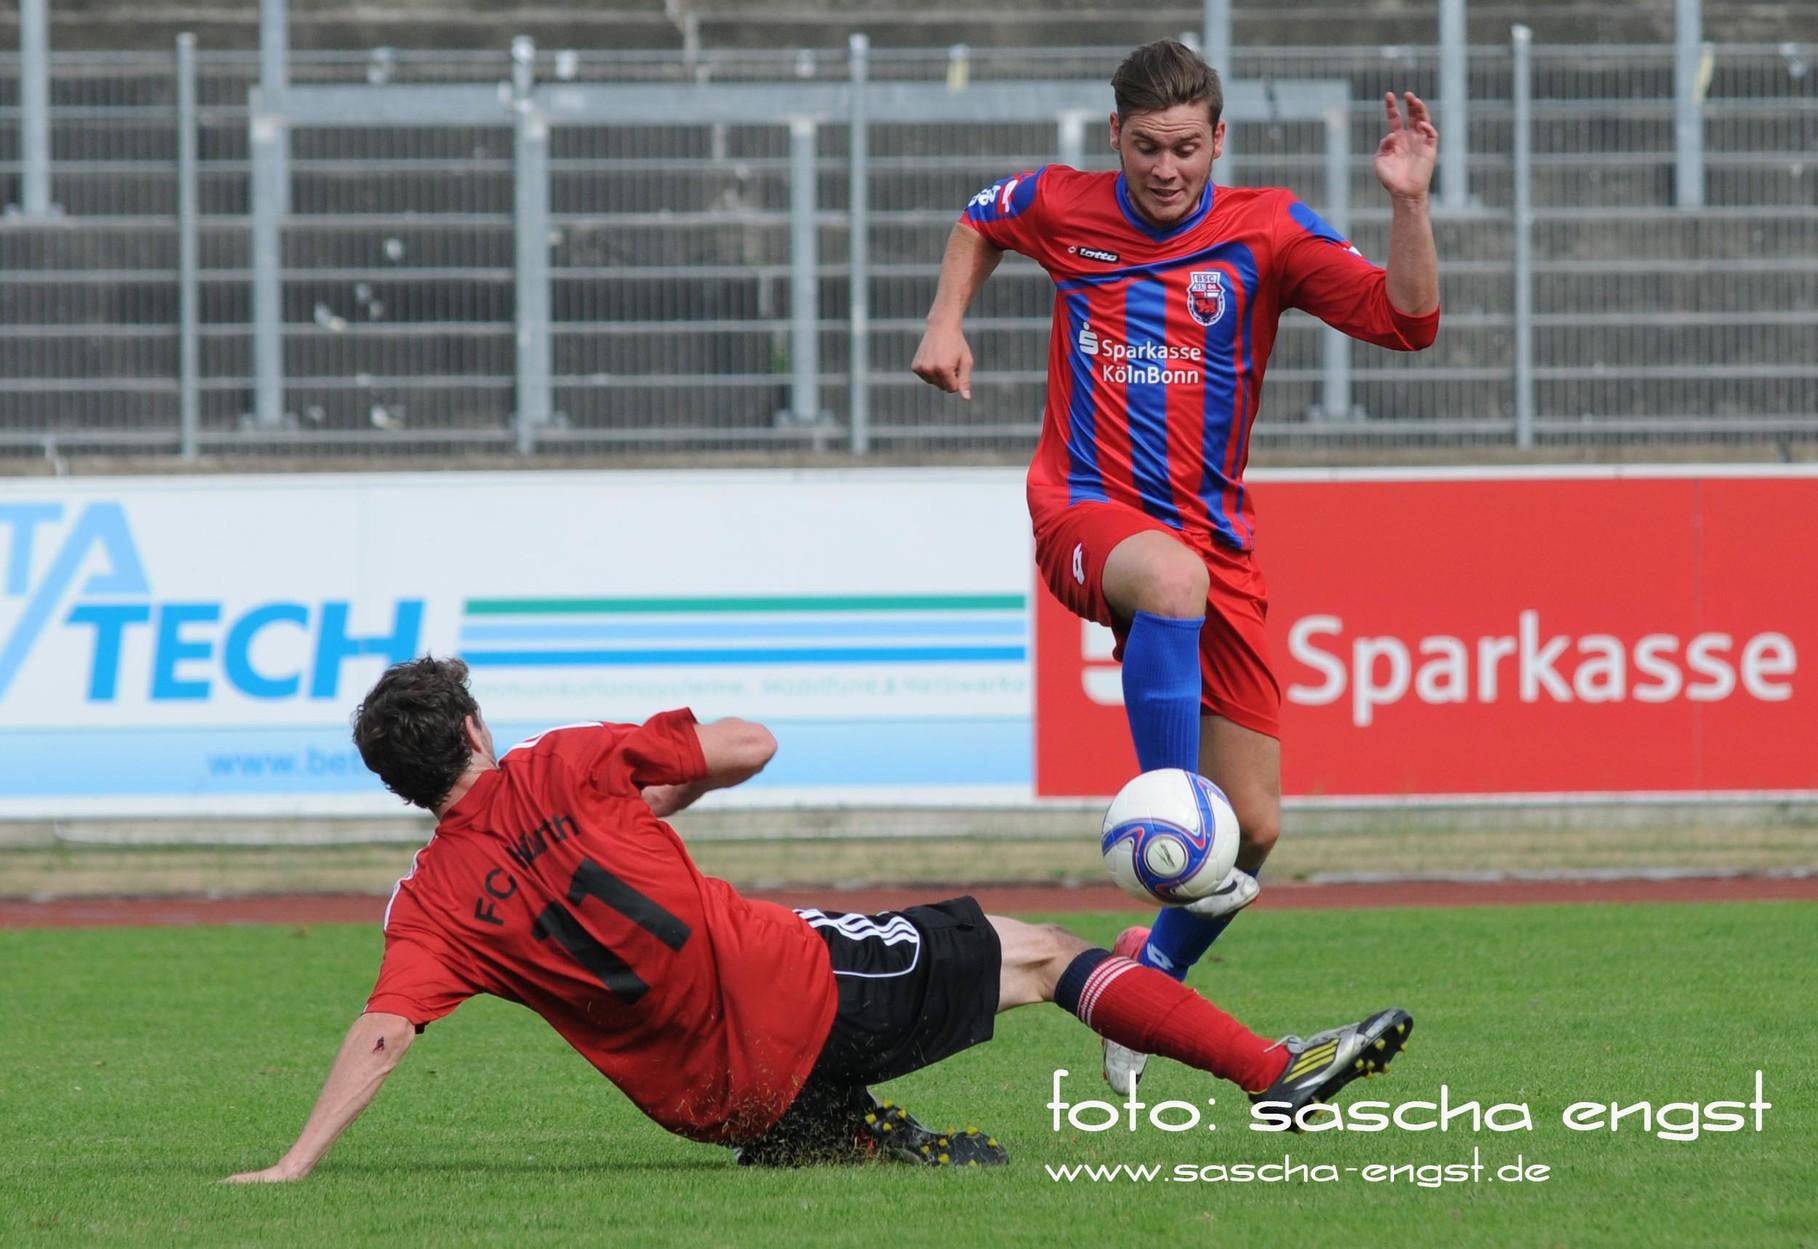 Yannick Walbröhl Mittelrheinliga Bonner SC 2013/2014